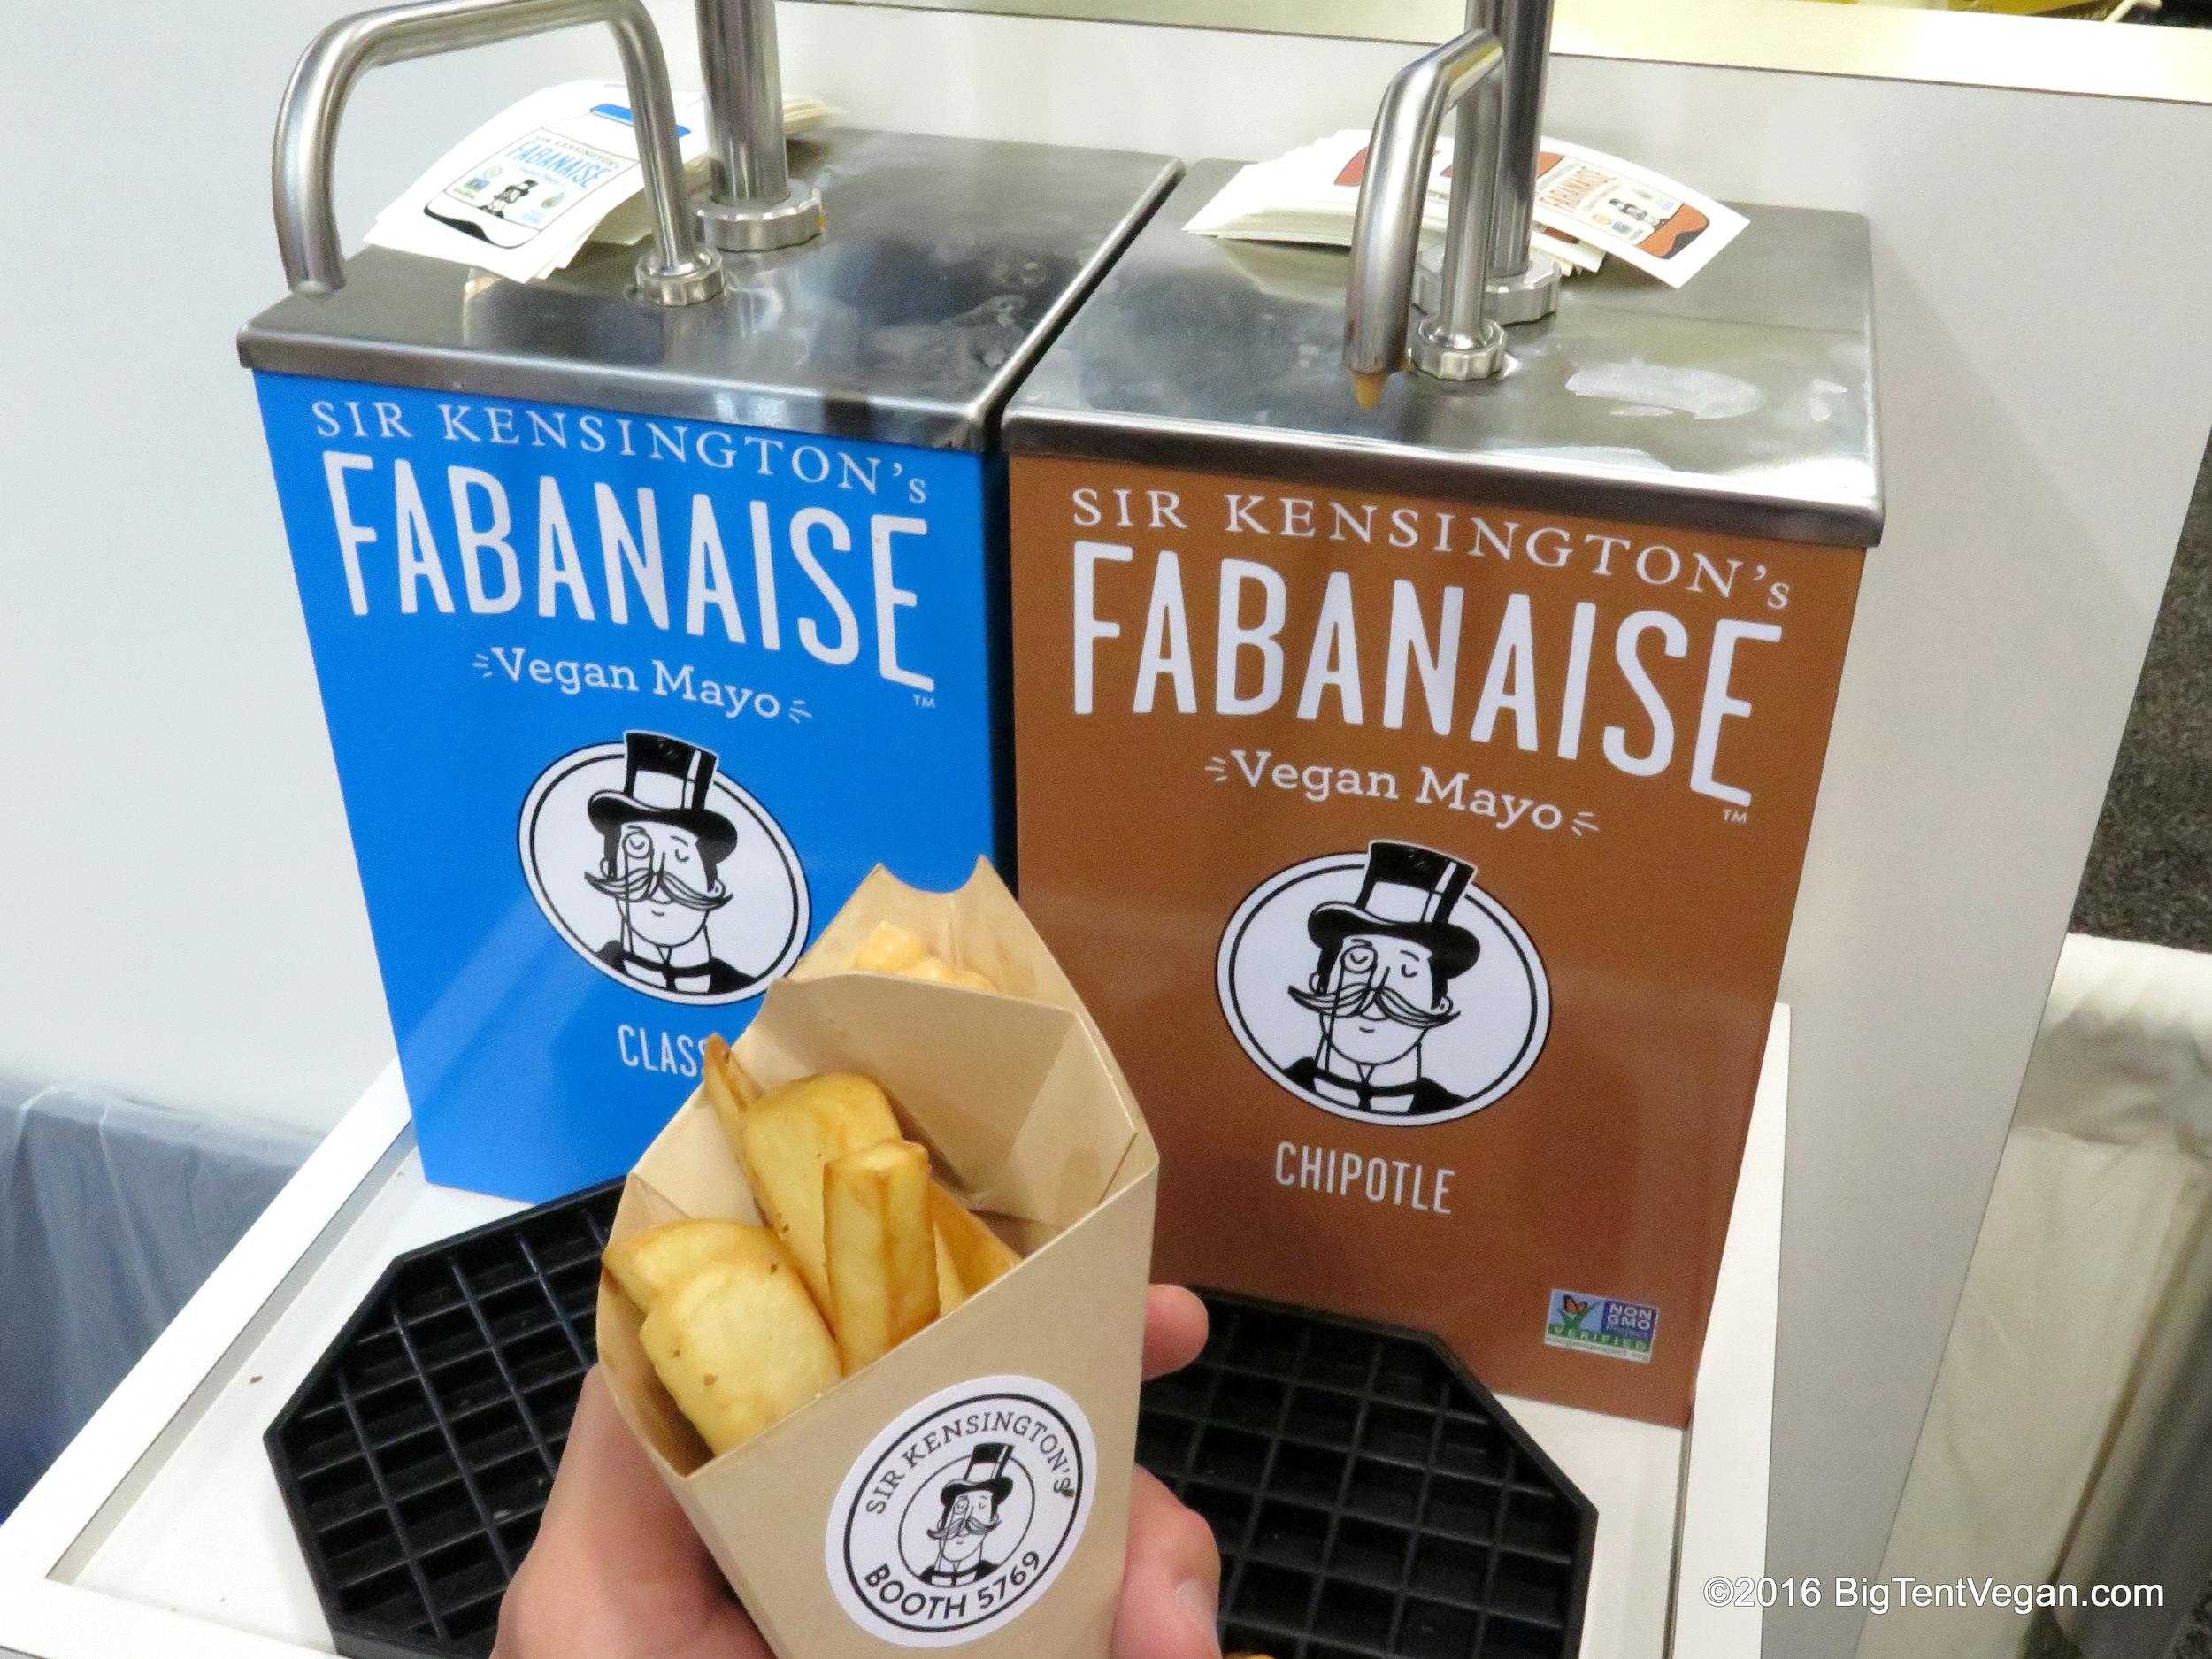 Fabanaise  by Sir Kensington's